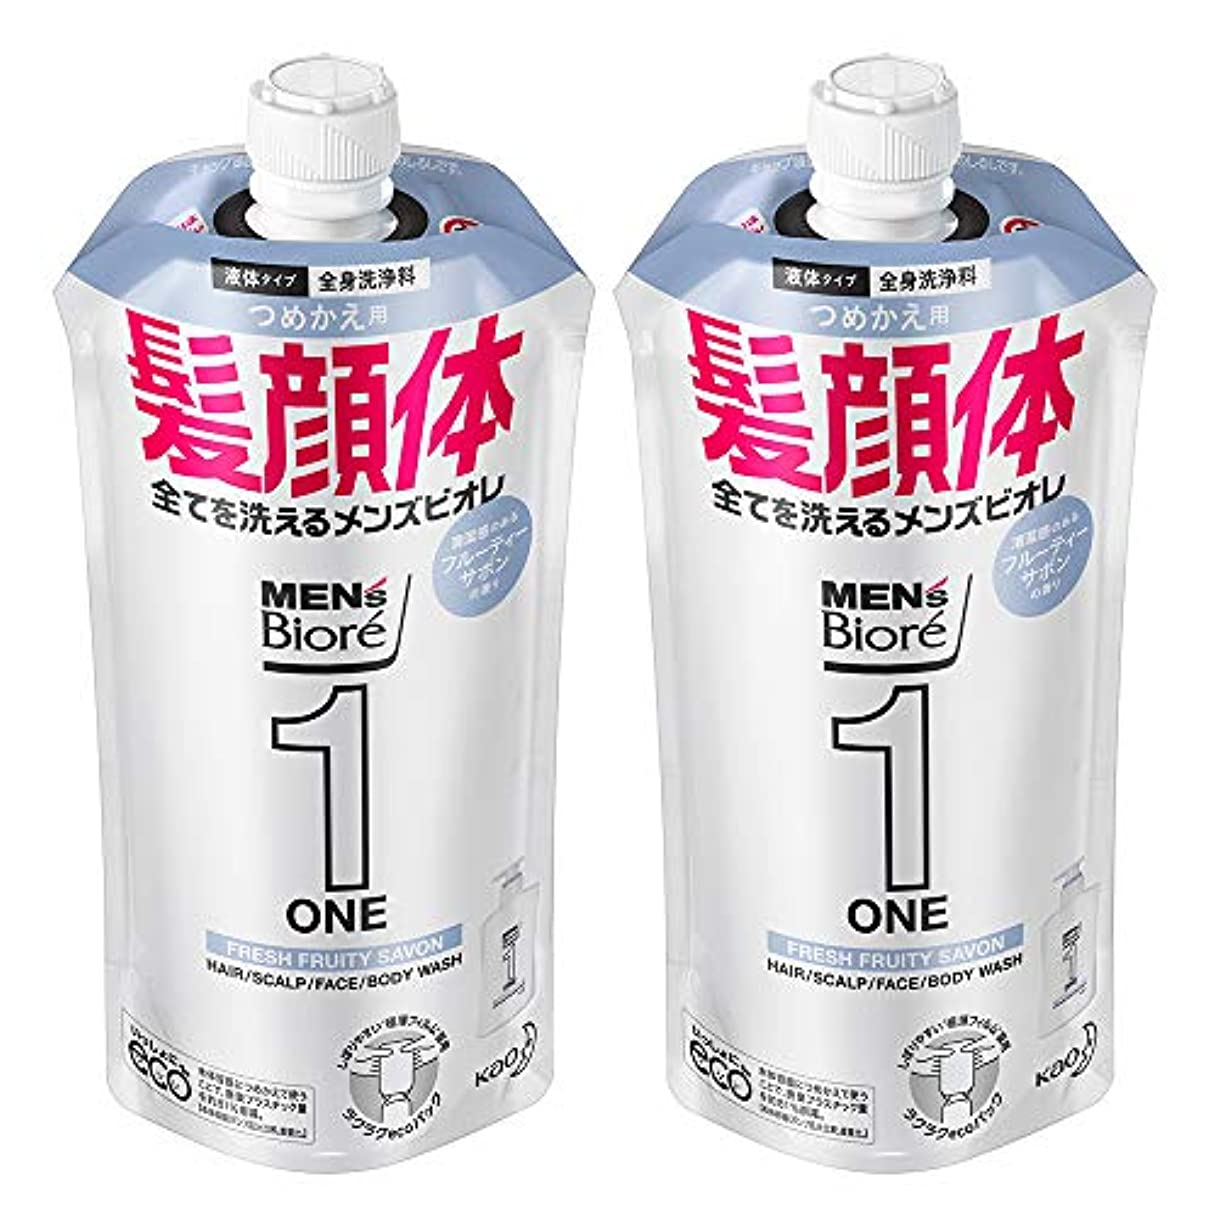 スーパーマーケット合体案件【まとめ買い】メンズビオレ ONE オールインワン全身洗浄料 フルーティーサボンの香り つめかえ用 340ml×2個